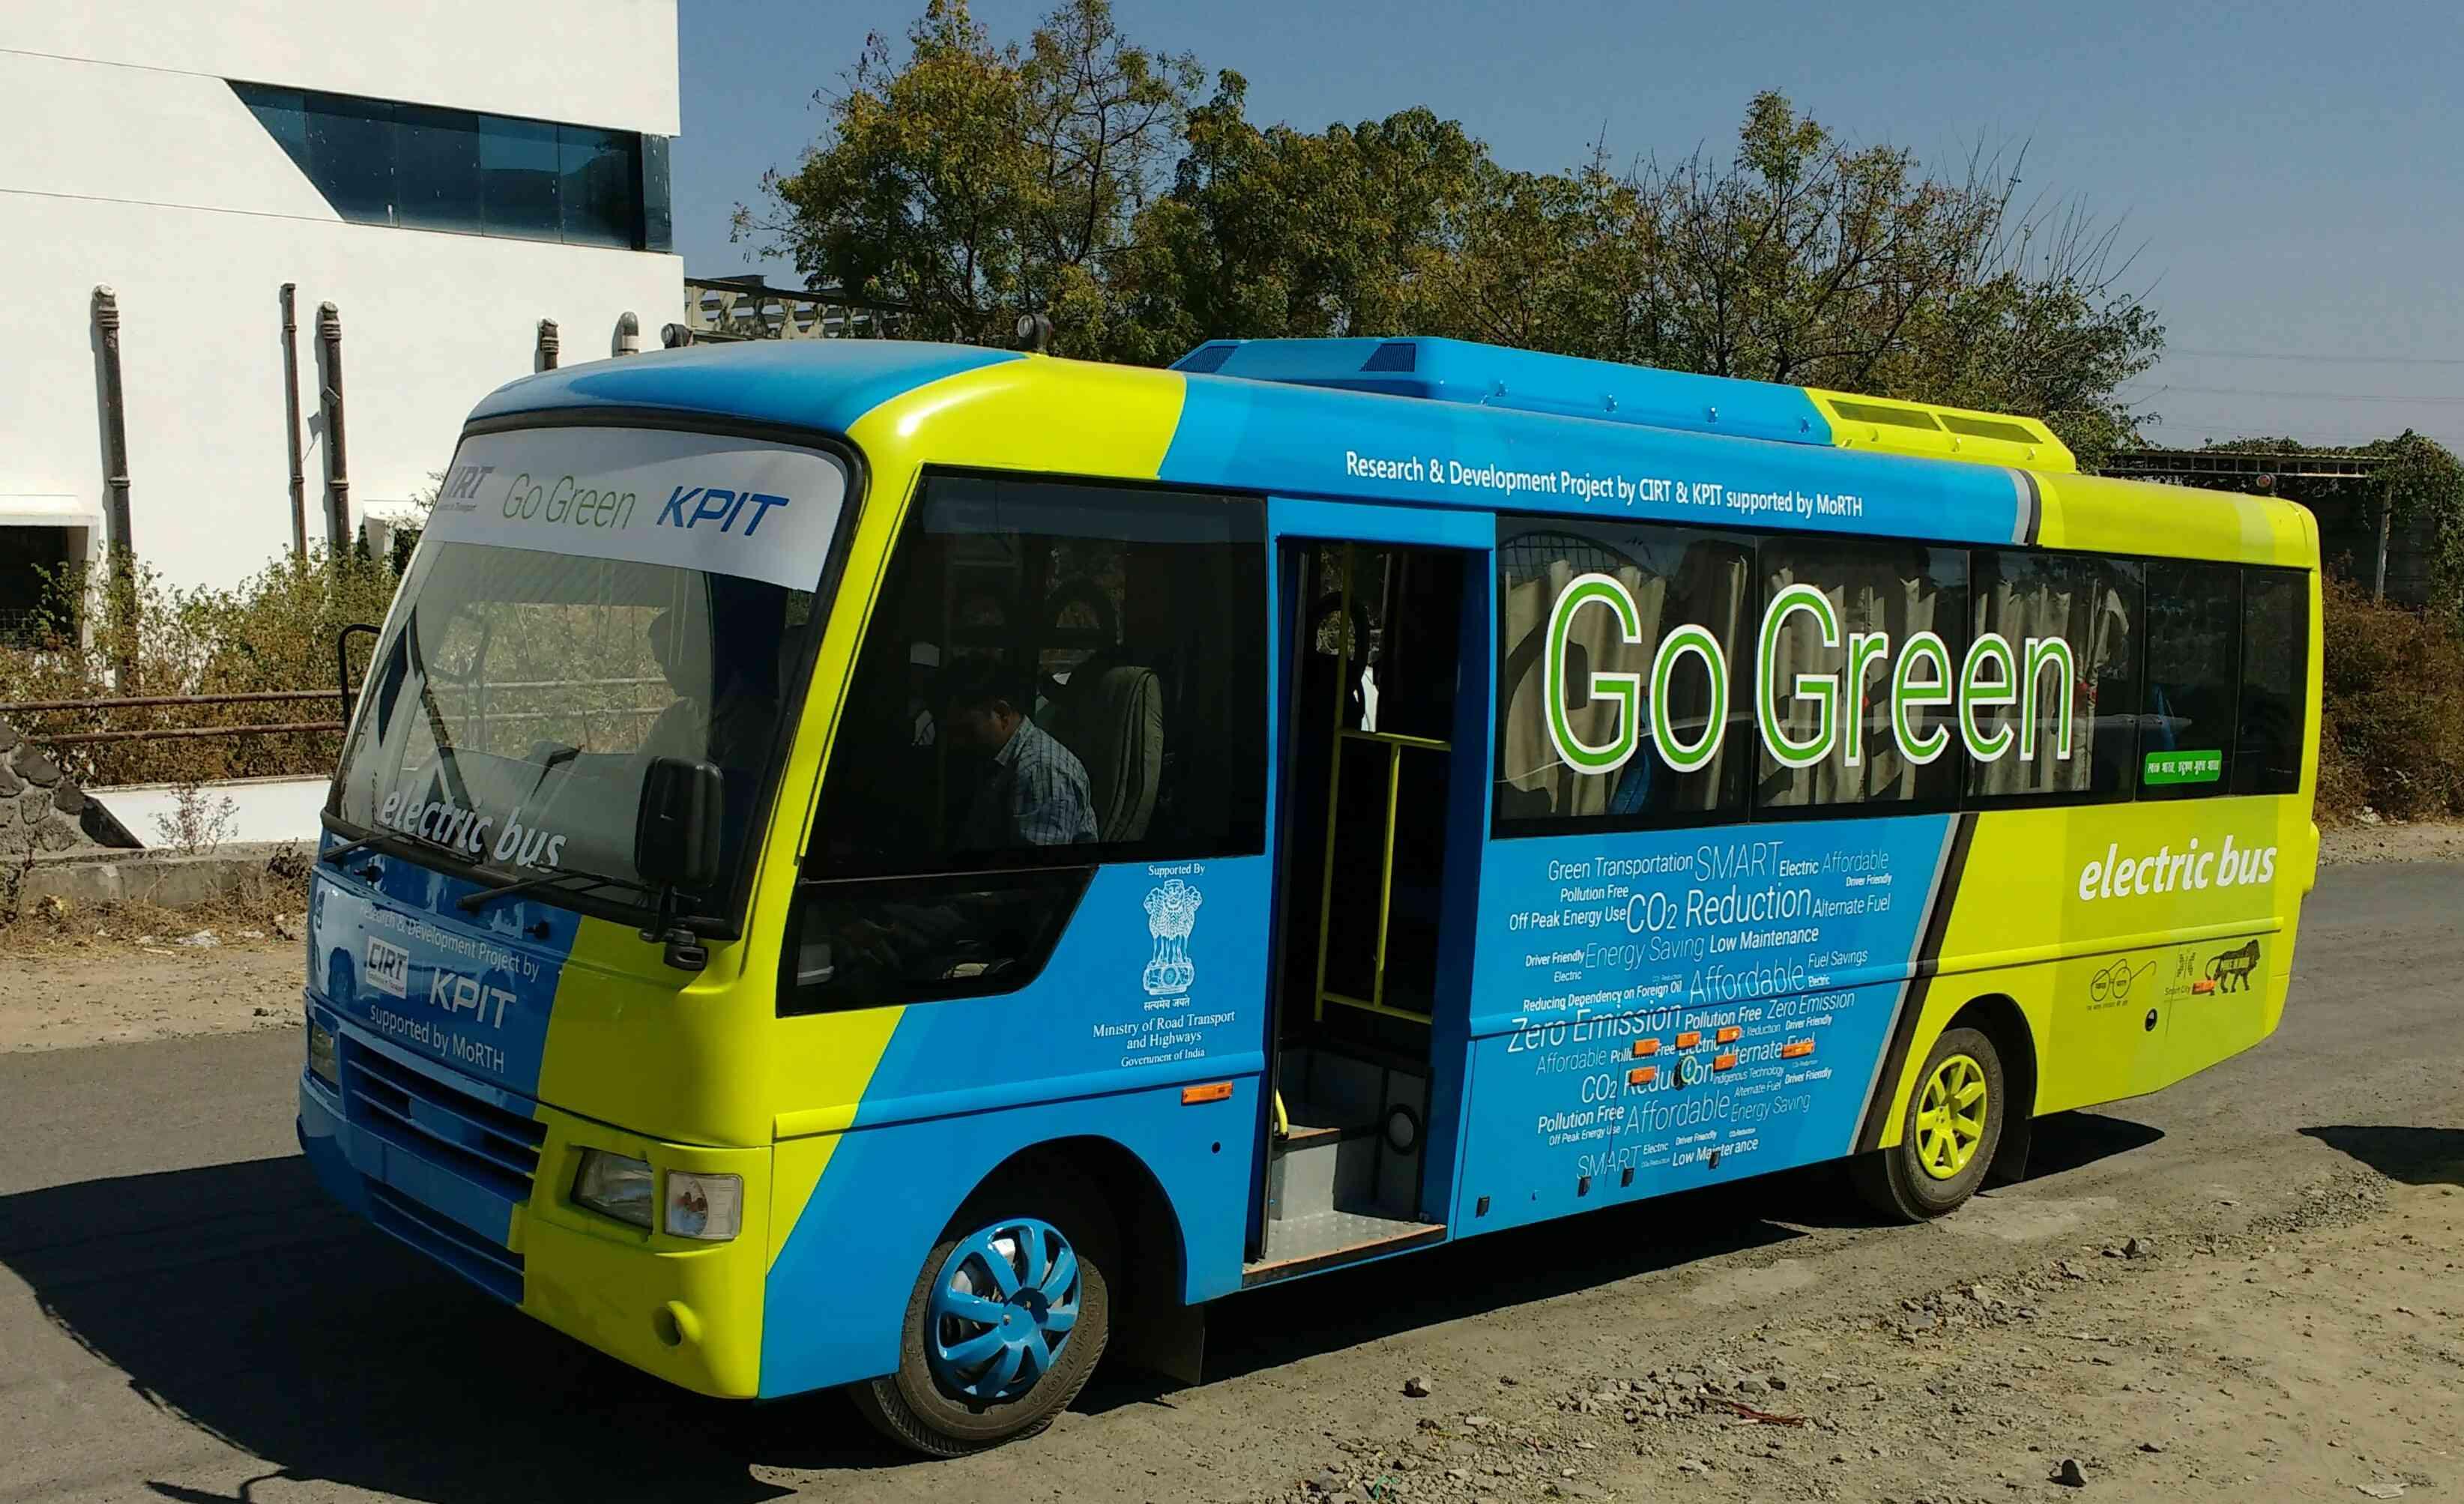 गुलाबी शहर में चलेंगी प्रदुषण मुक्त इलेक्ट्रिक बसें